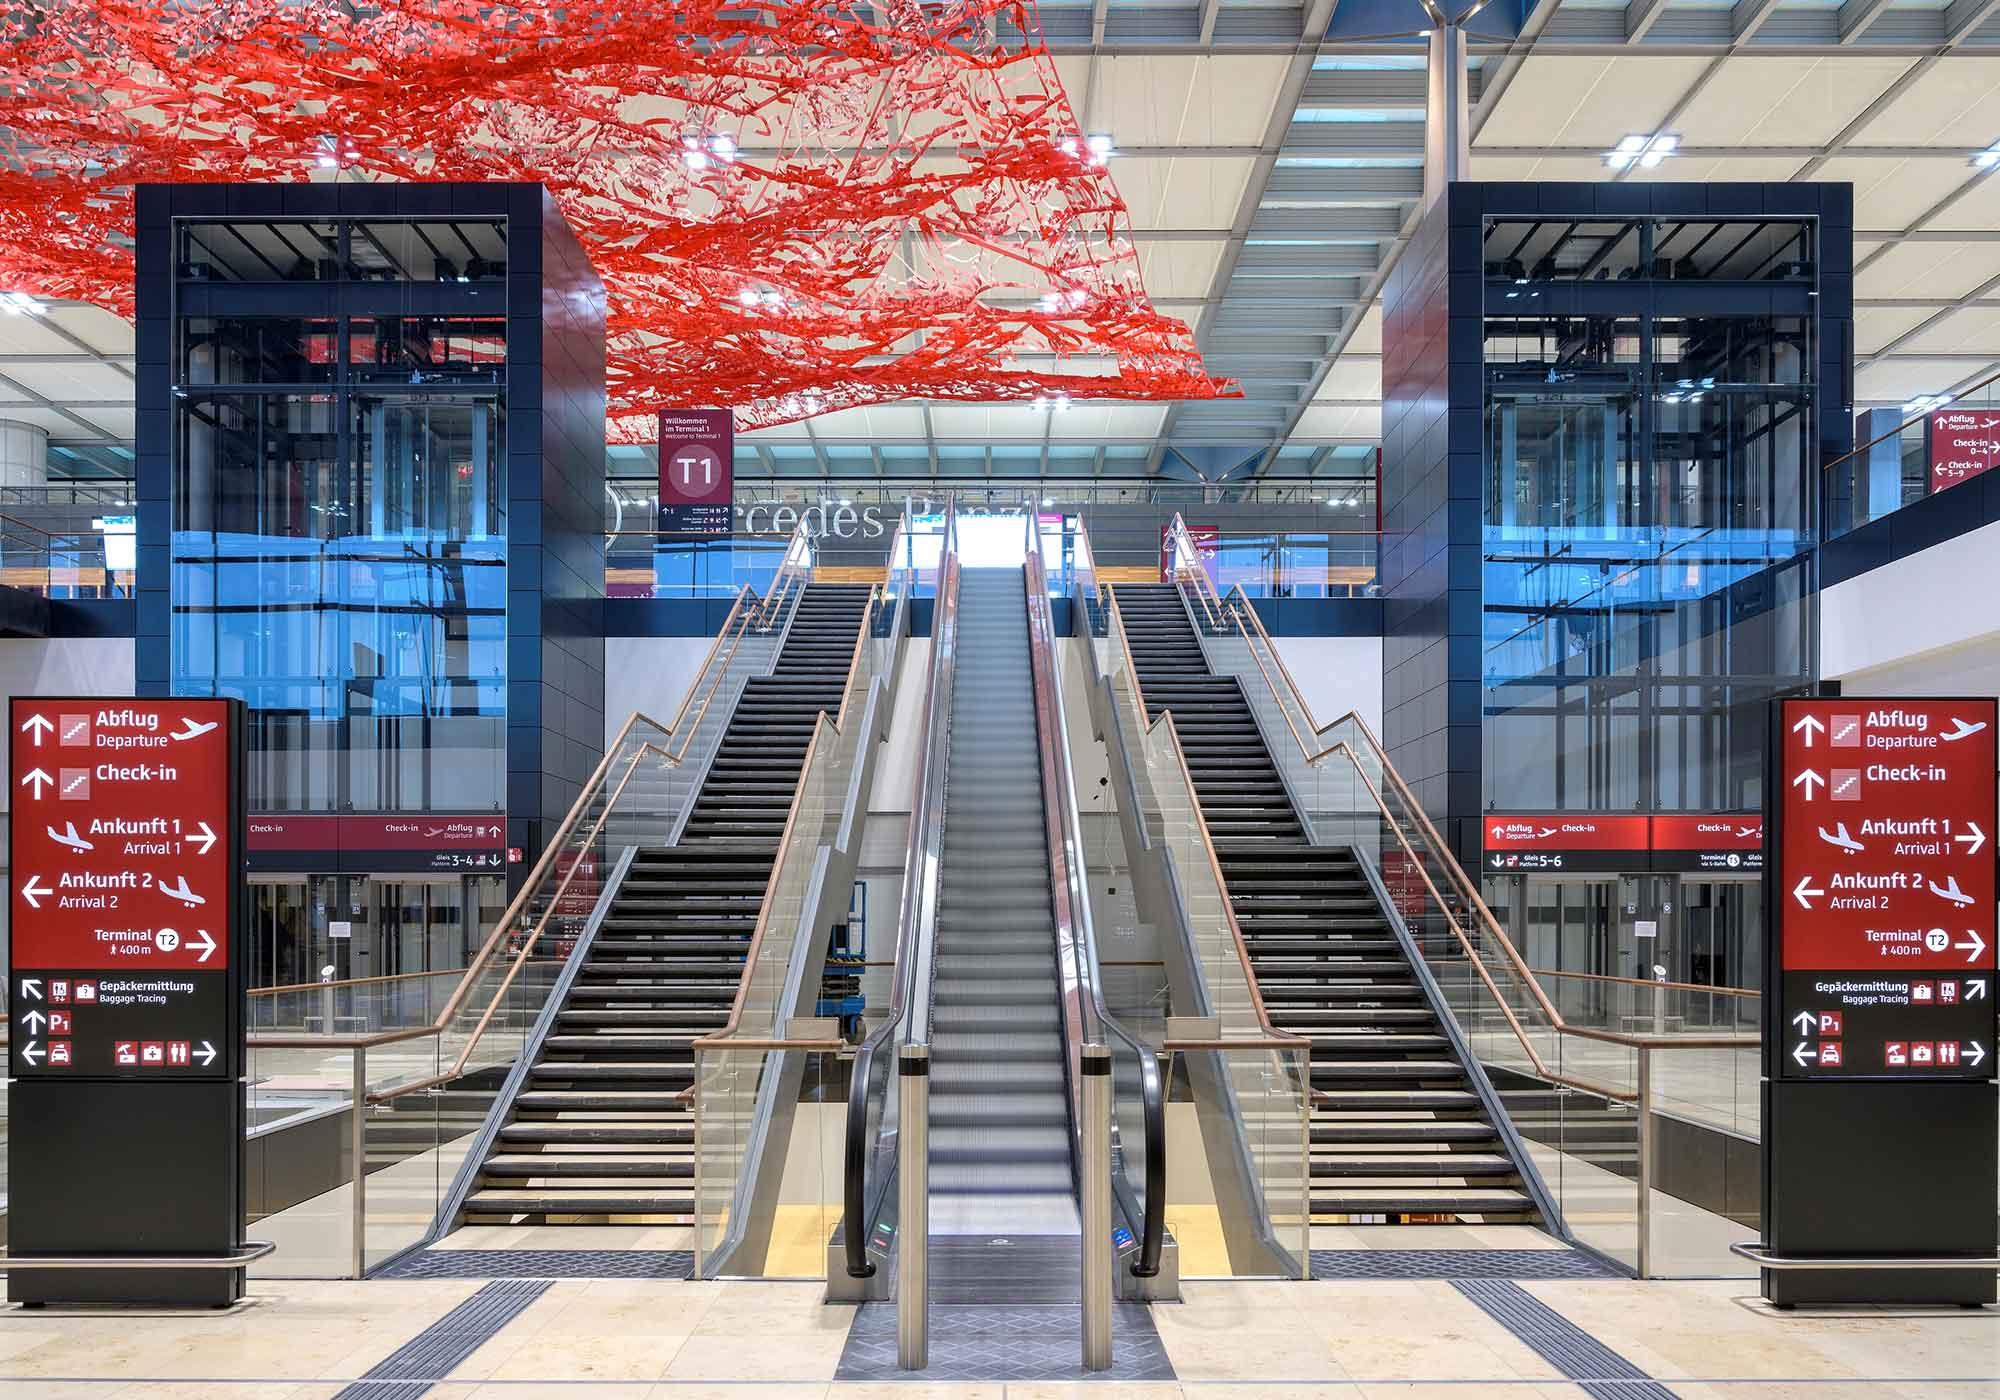 Bild: Berlin Flughafen Halle